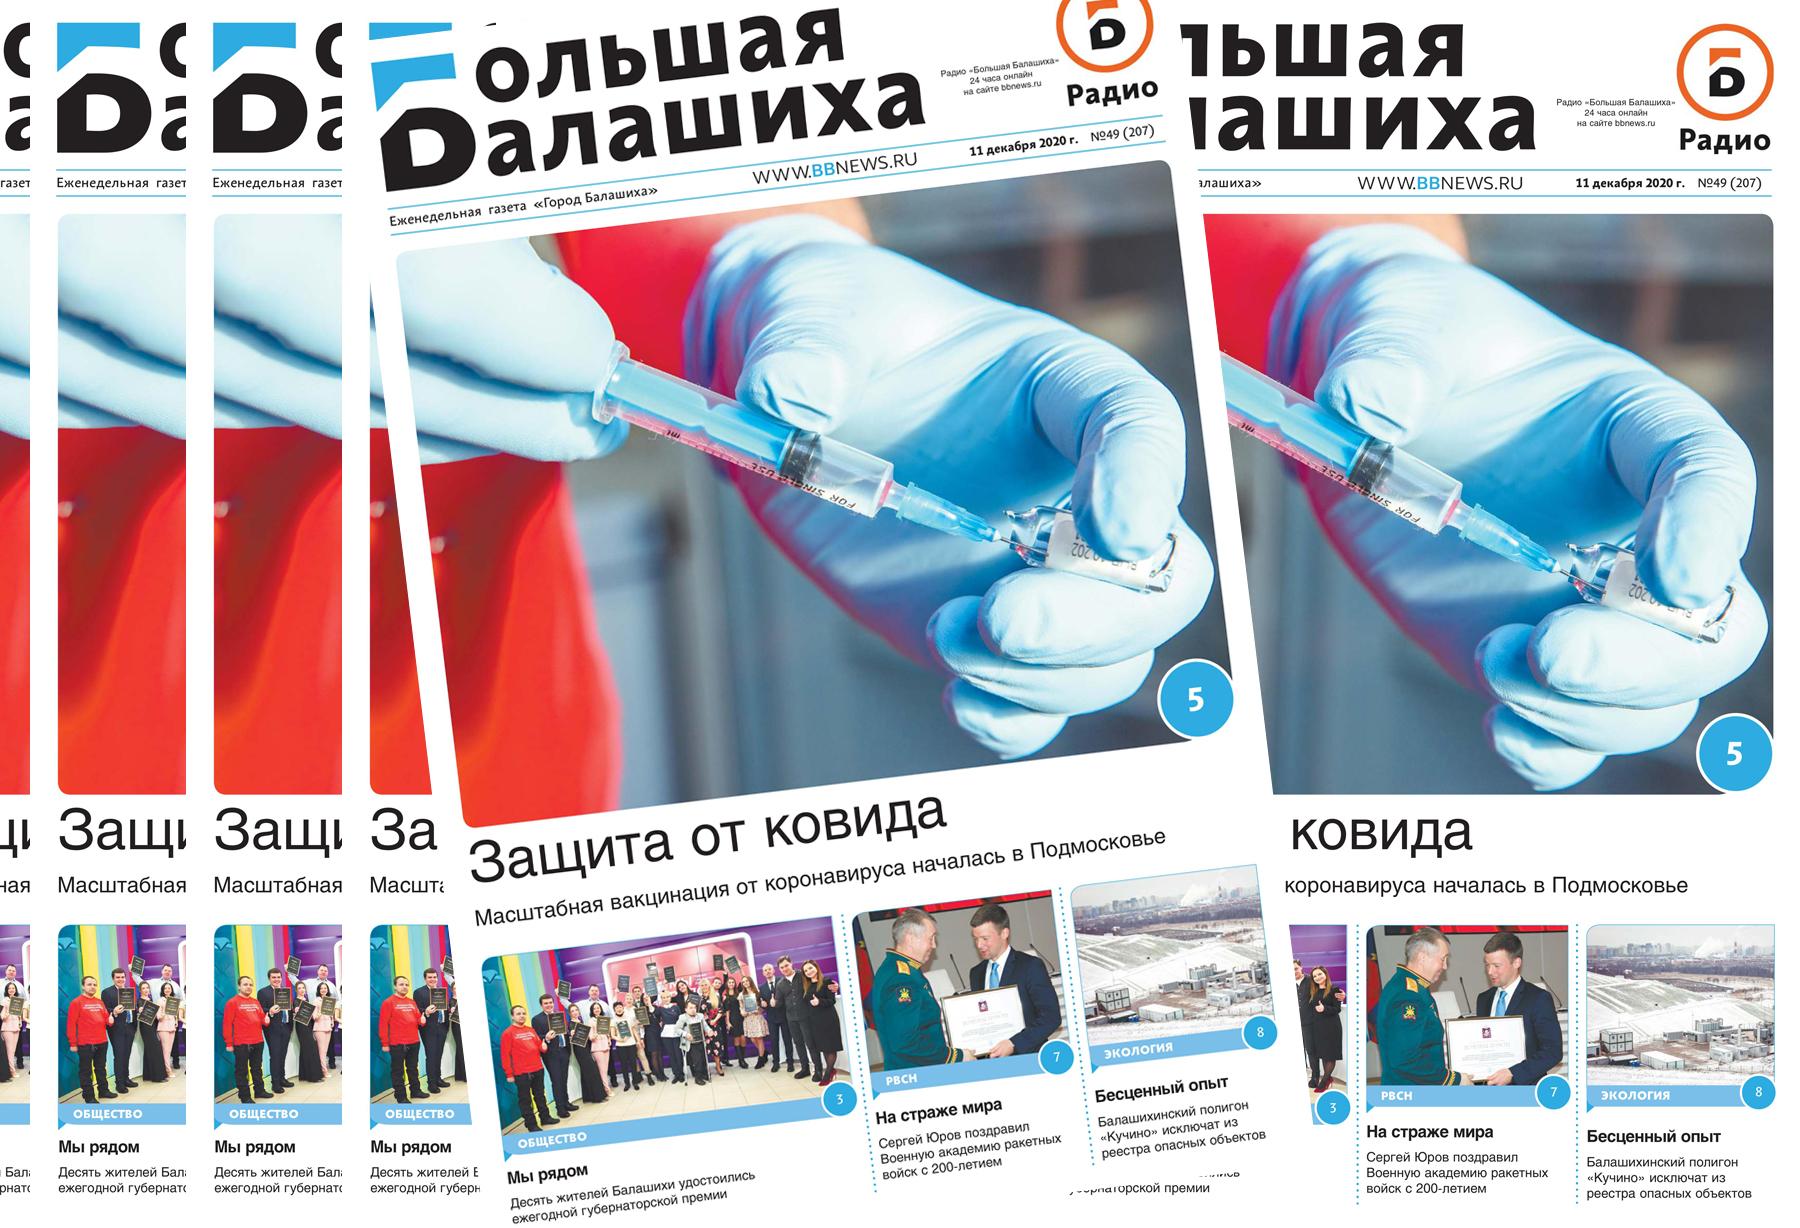 Вышла газета «Город Балашиха» №49 (207)